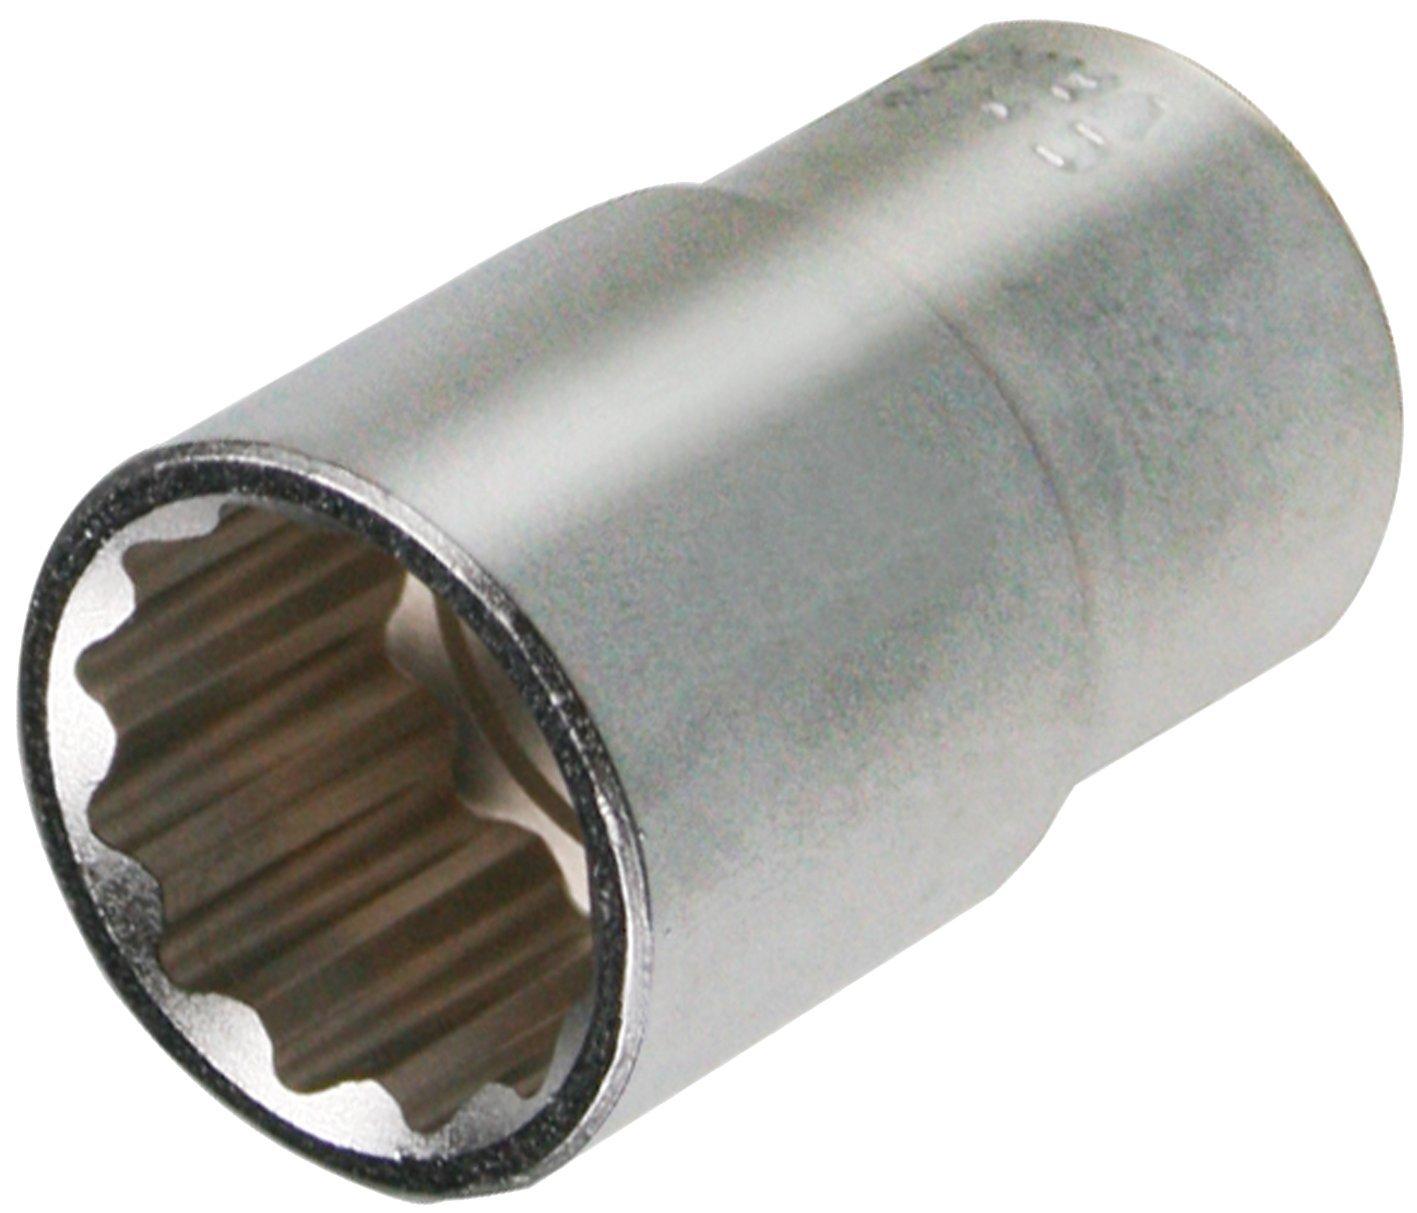 SW-Stahl para llave de vaso (12 caras, 21 mm, 1/2 pulgadas, 05640 –  21 21mm 1/2pulgadas 05640-21 05640-21